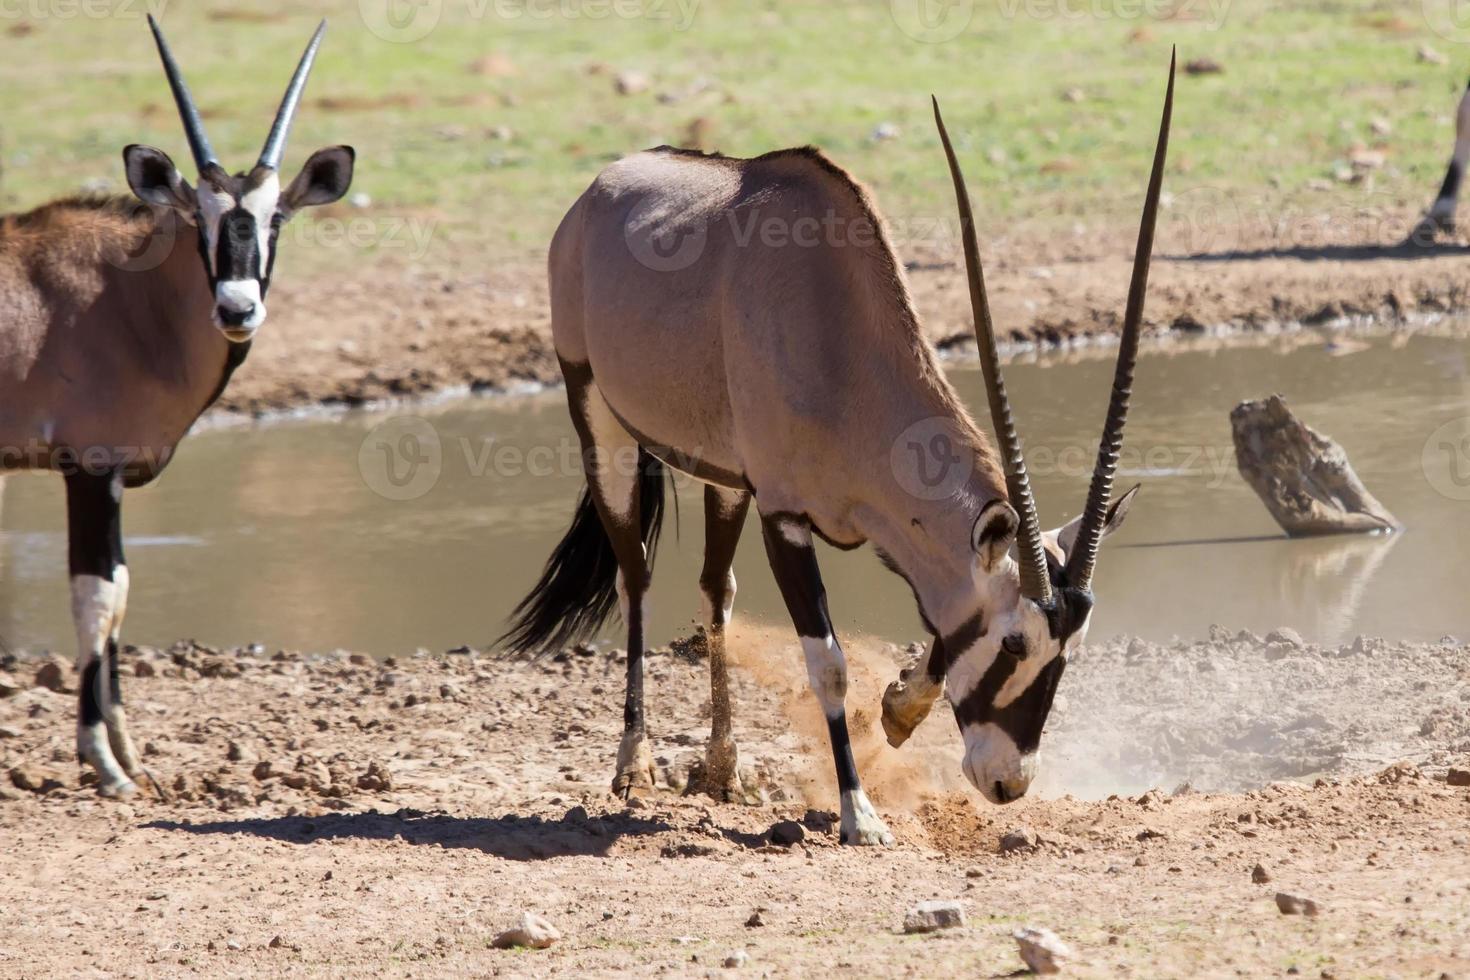 törstig oryx dricksvatten vid dammen i het torr öken foto